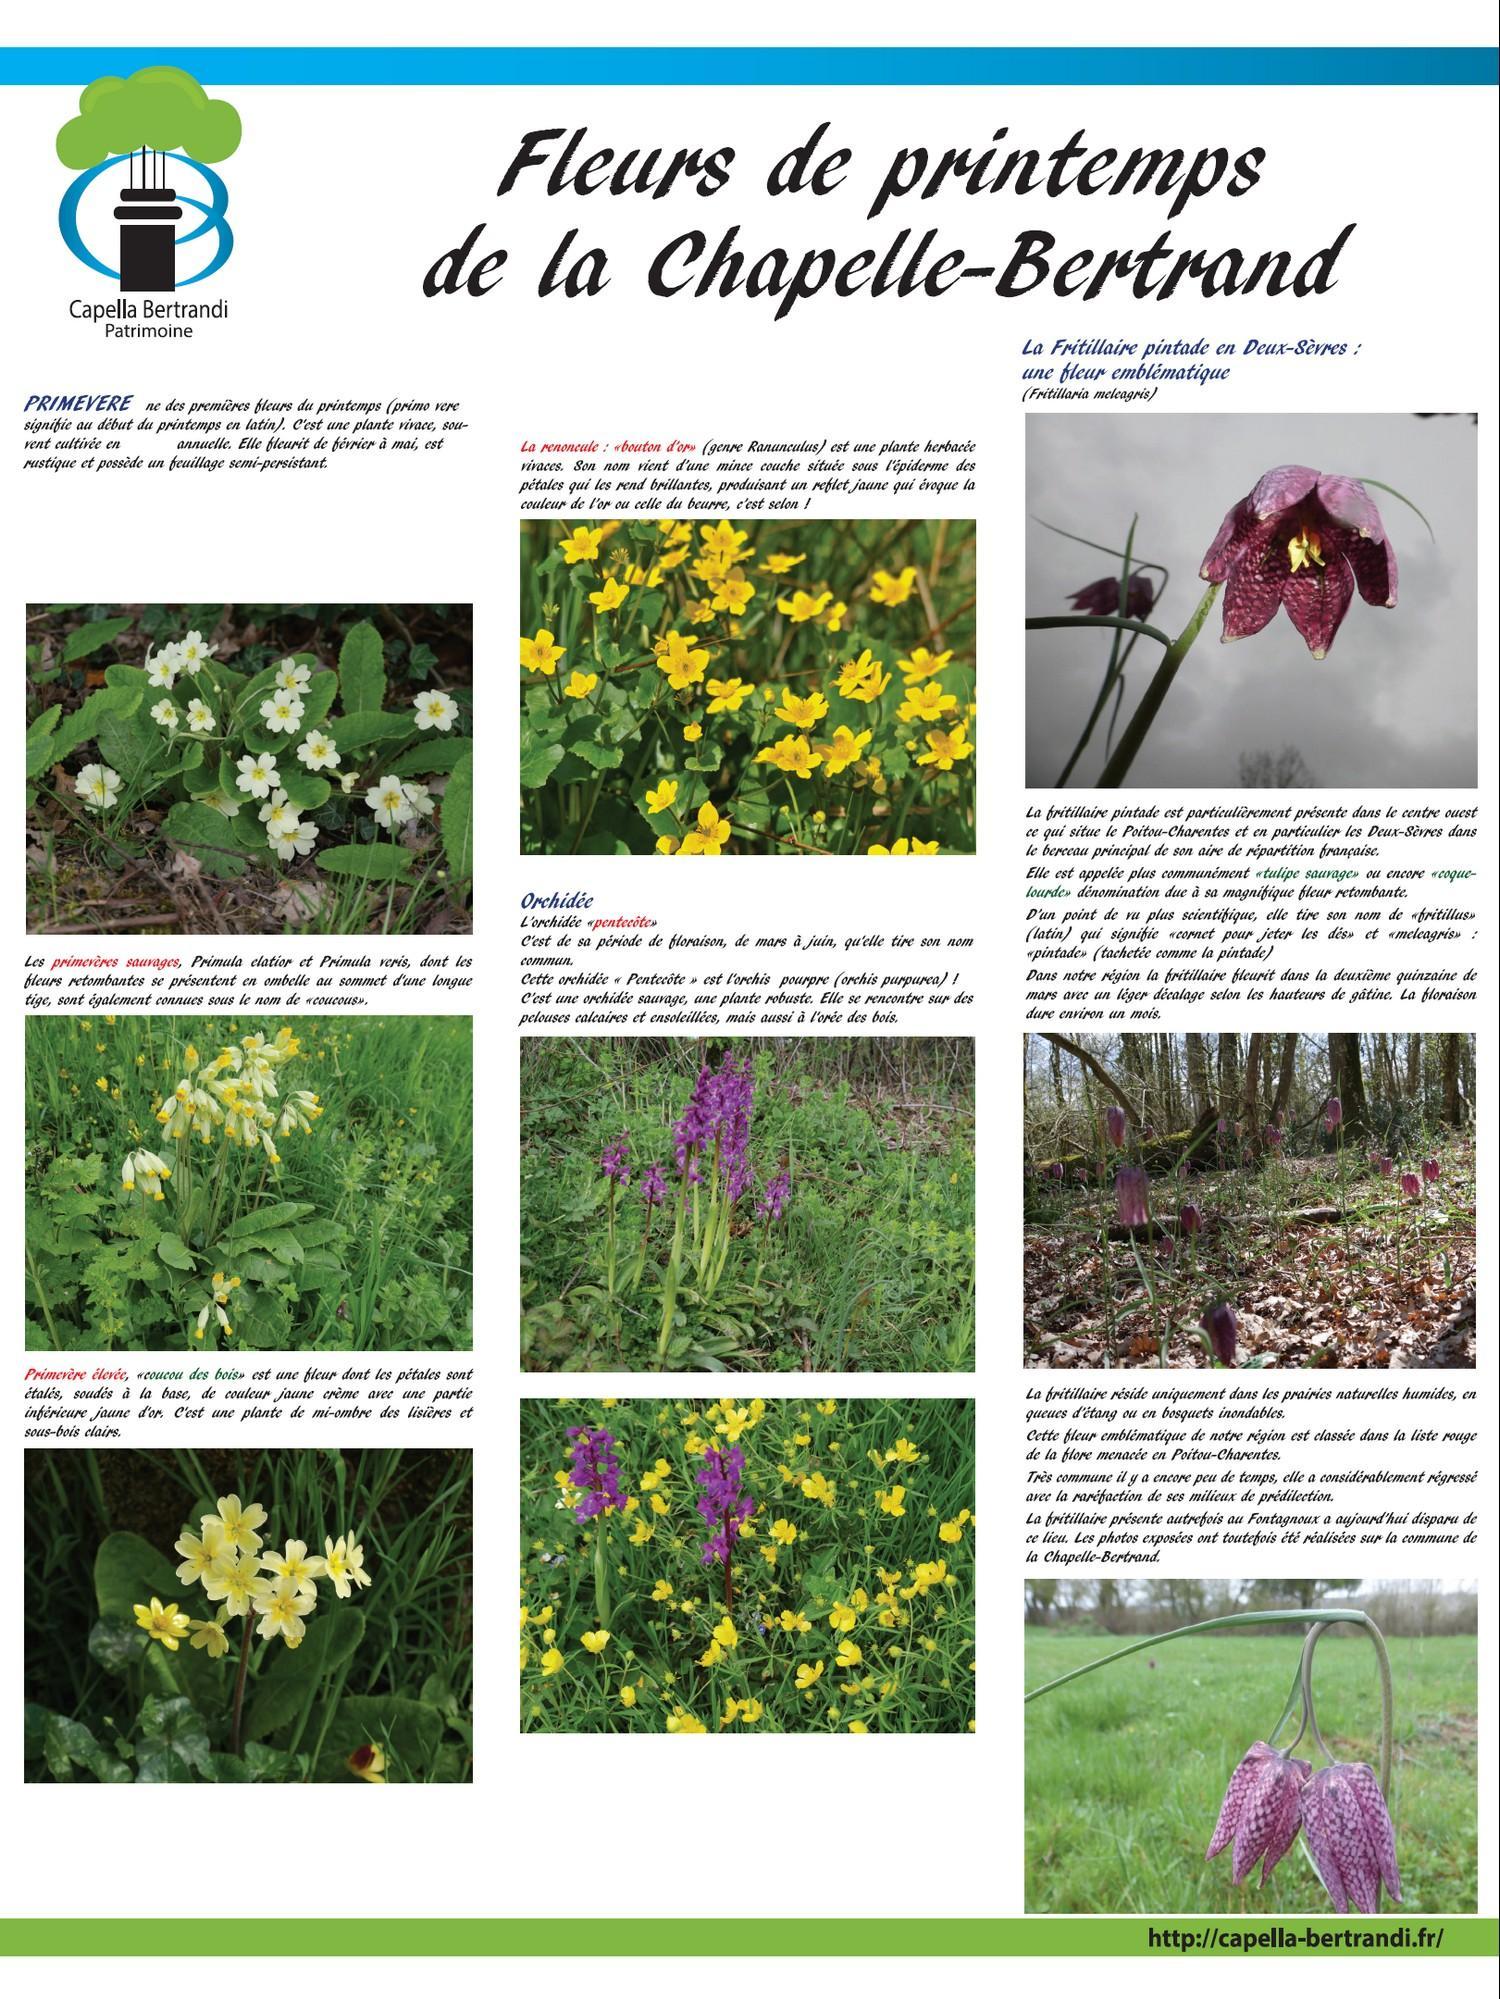 Les fleurs de printemps - Capella Bertrandi